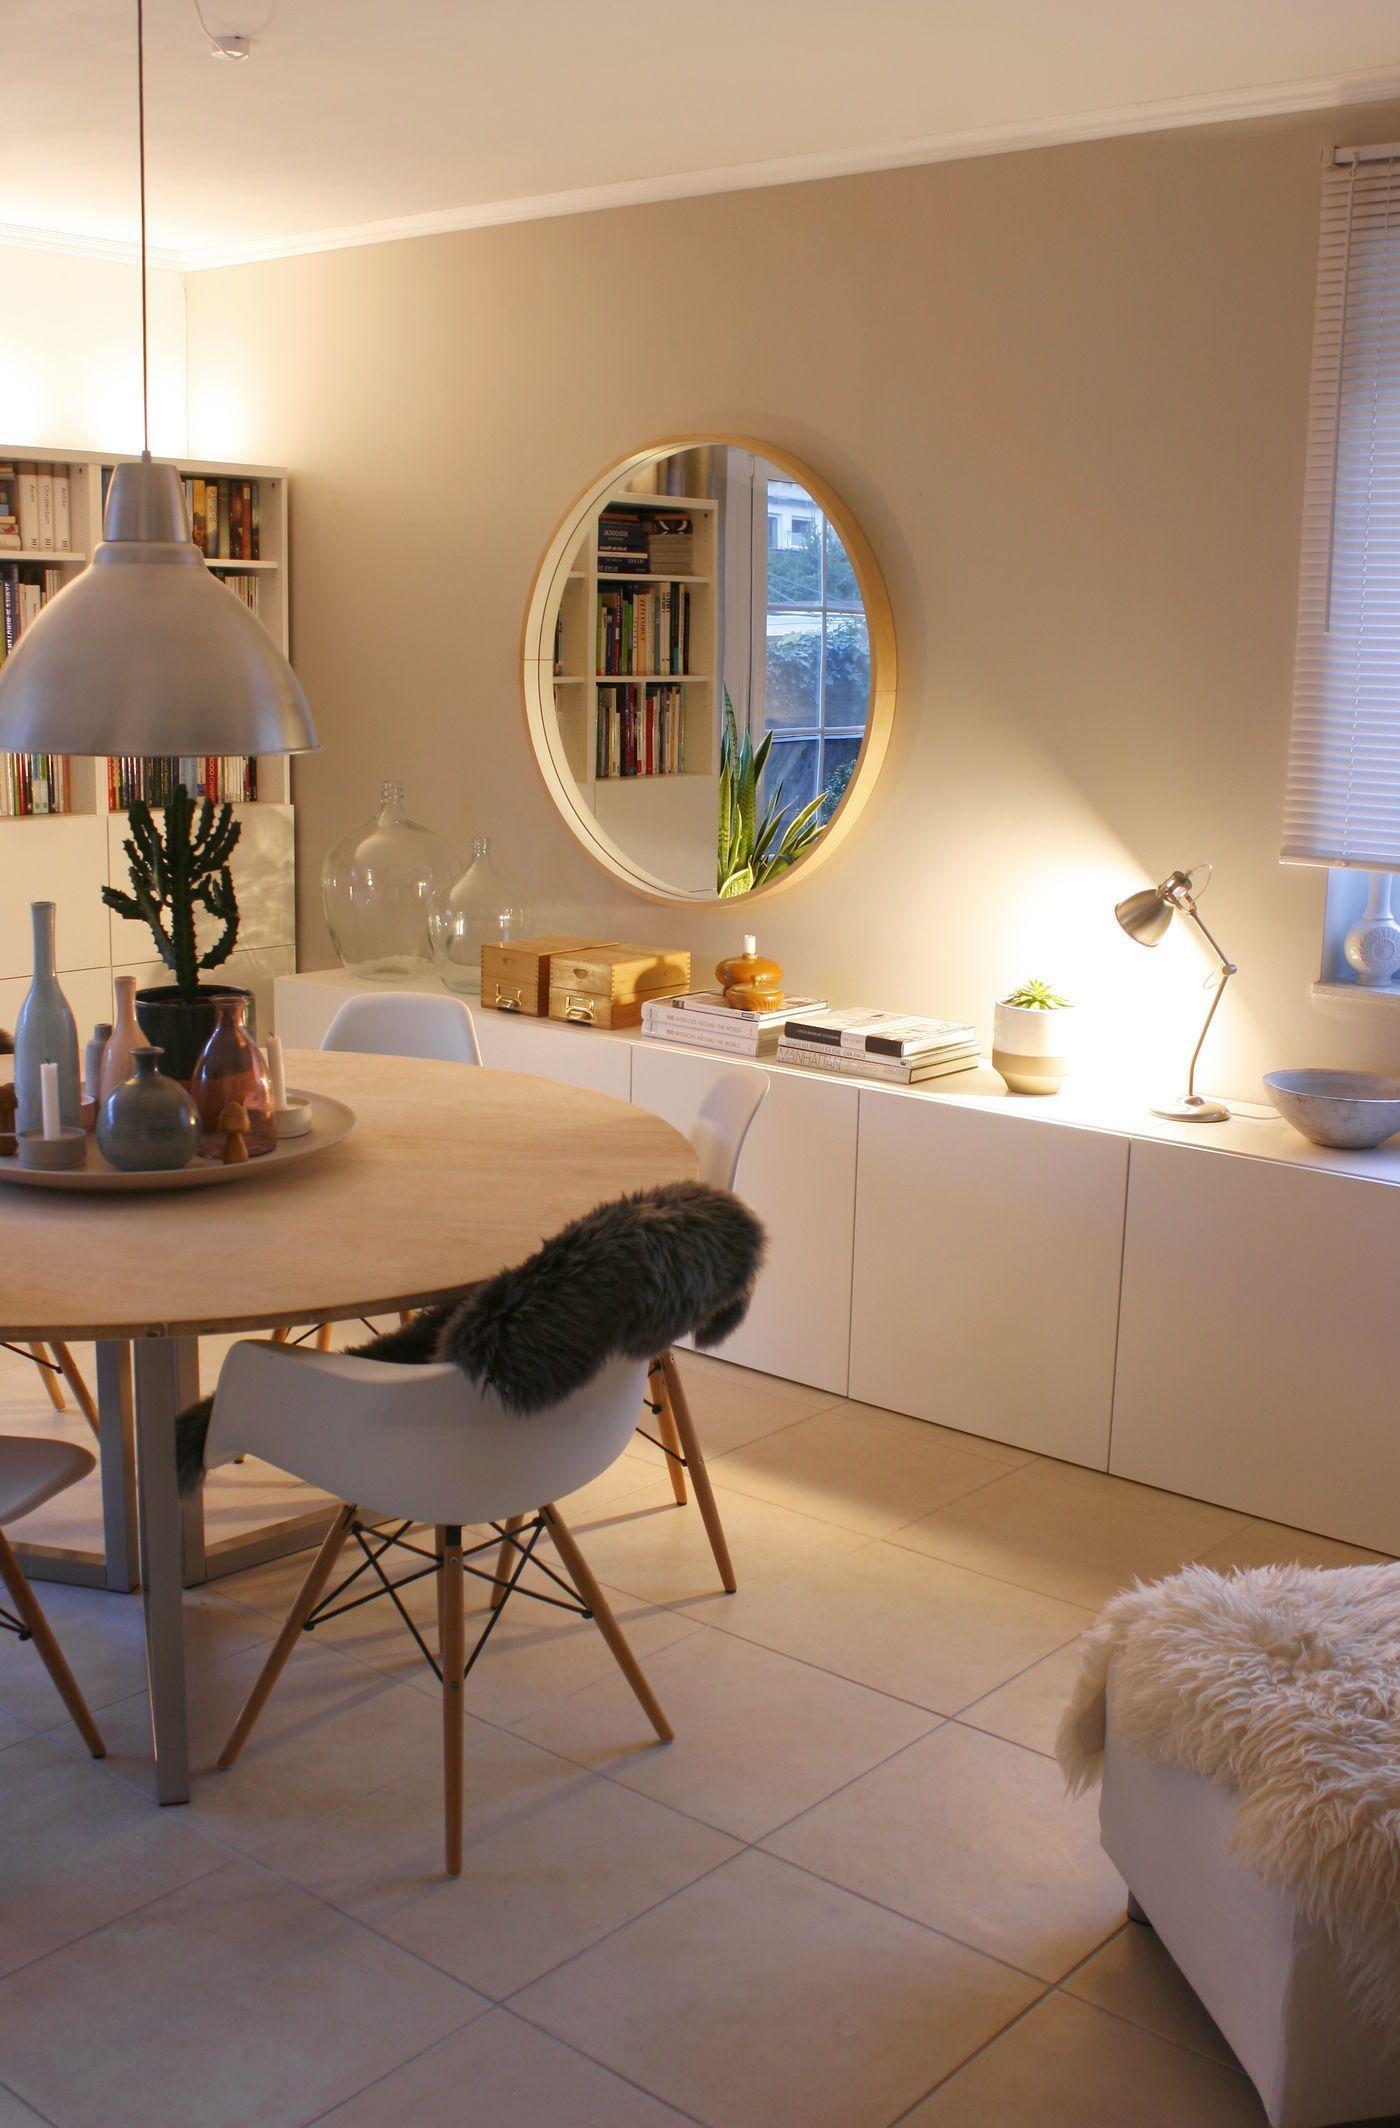 Kuche Heizkorper Ggf Uberbauen Wohnen Ikea Wohnzimmer Wohnung